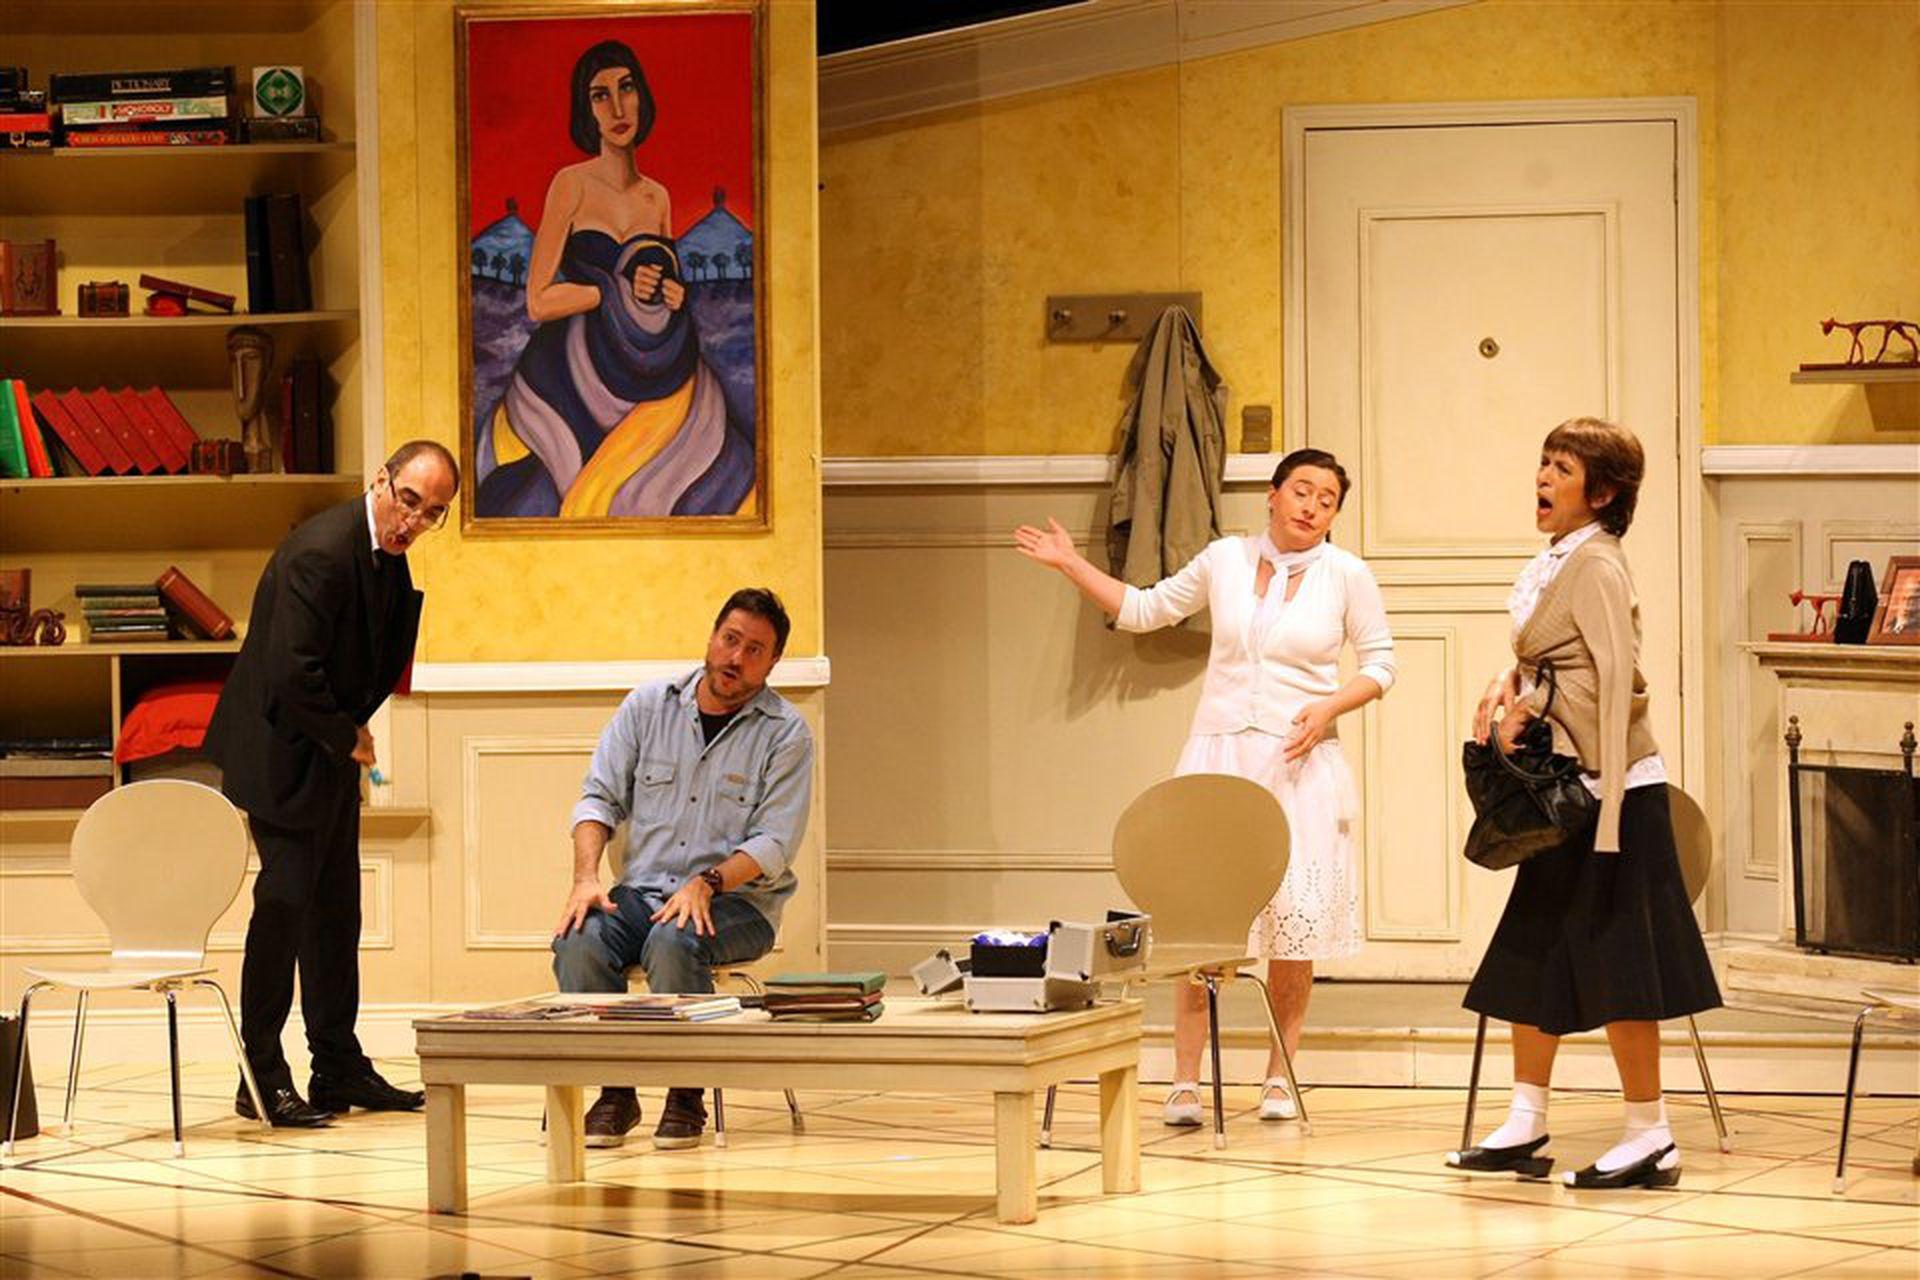 Mauricio Dayub, Daniel Casablanca, Eugenia Guerty y María Fiorentino, en una escena de Toc toc